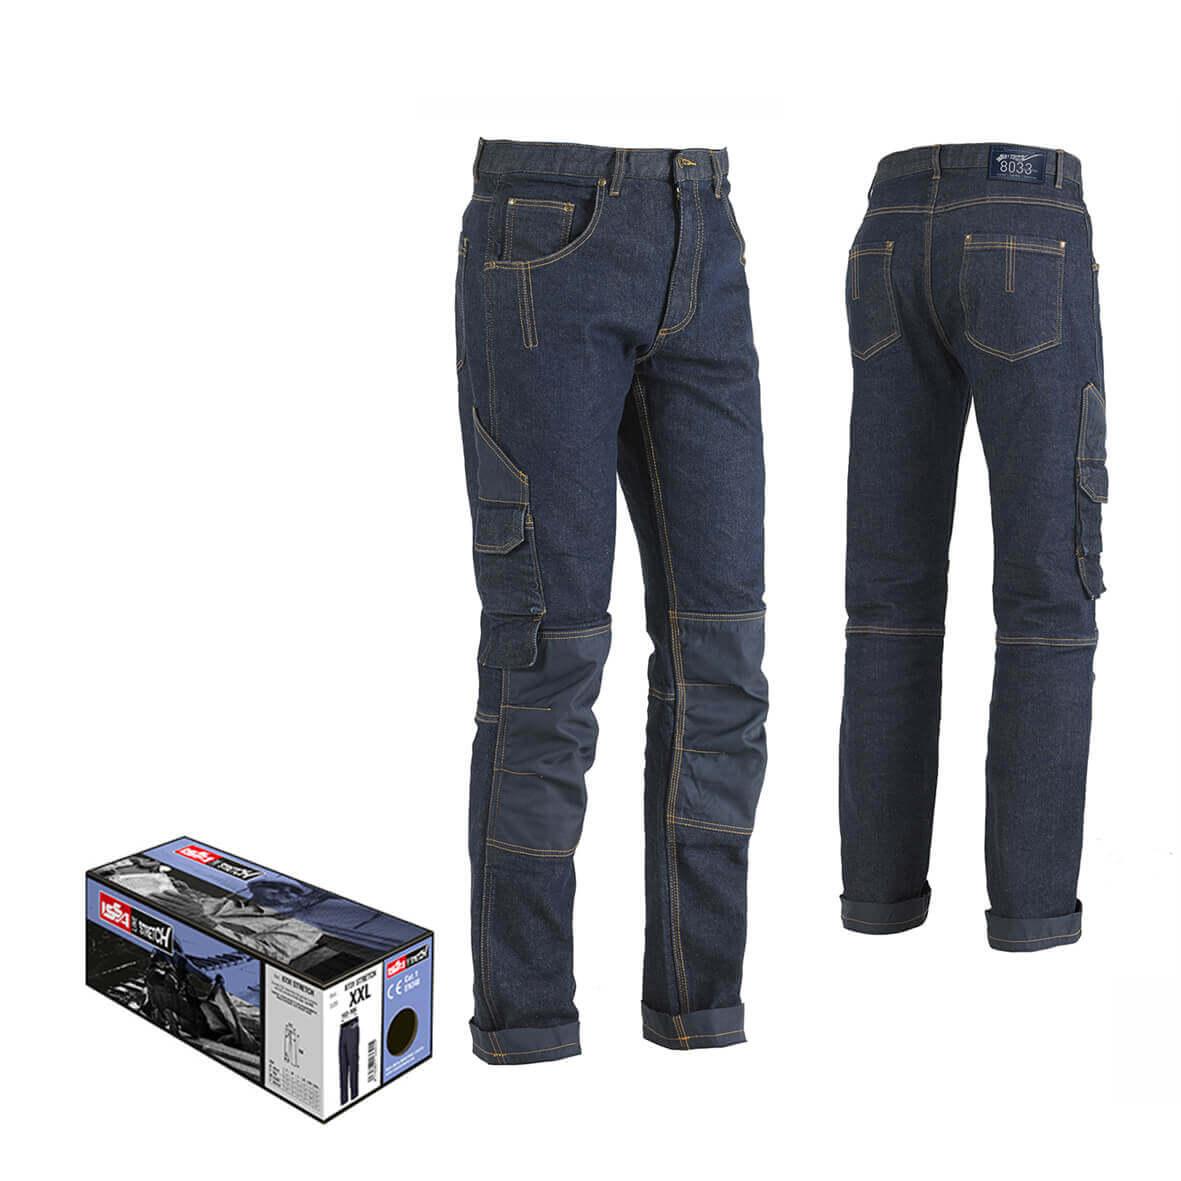 jeans-da-lavoro-issa-line-8033-miner